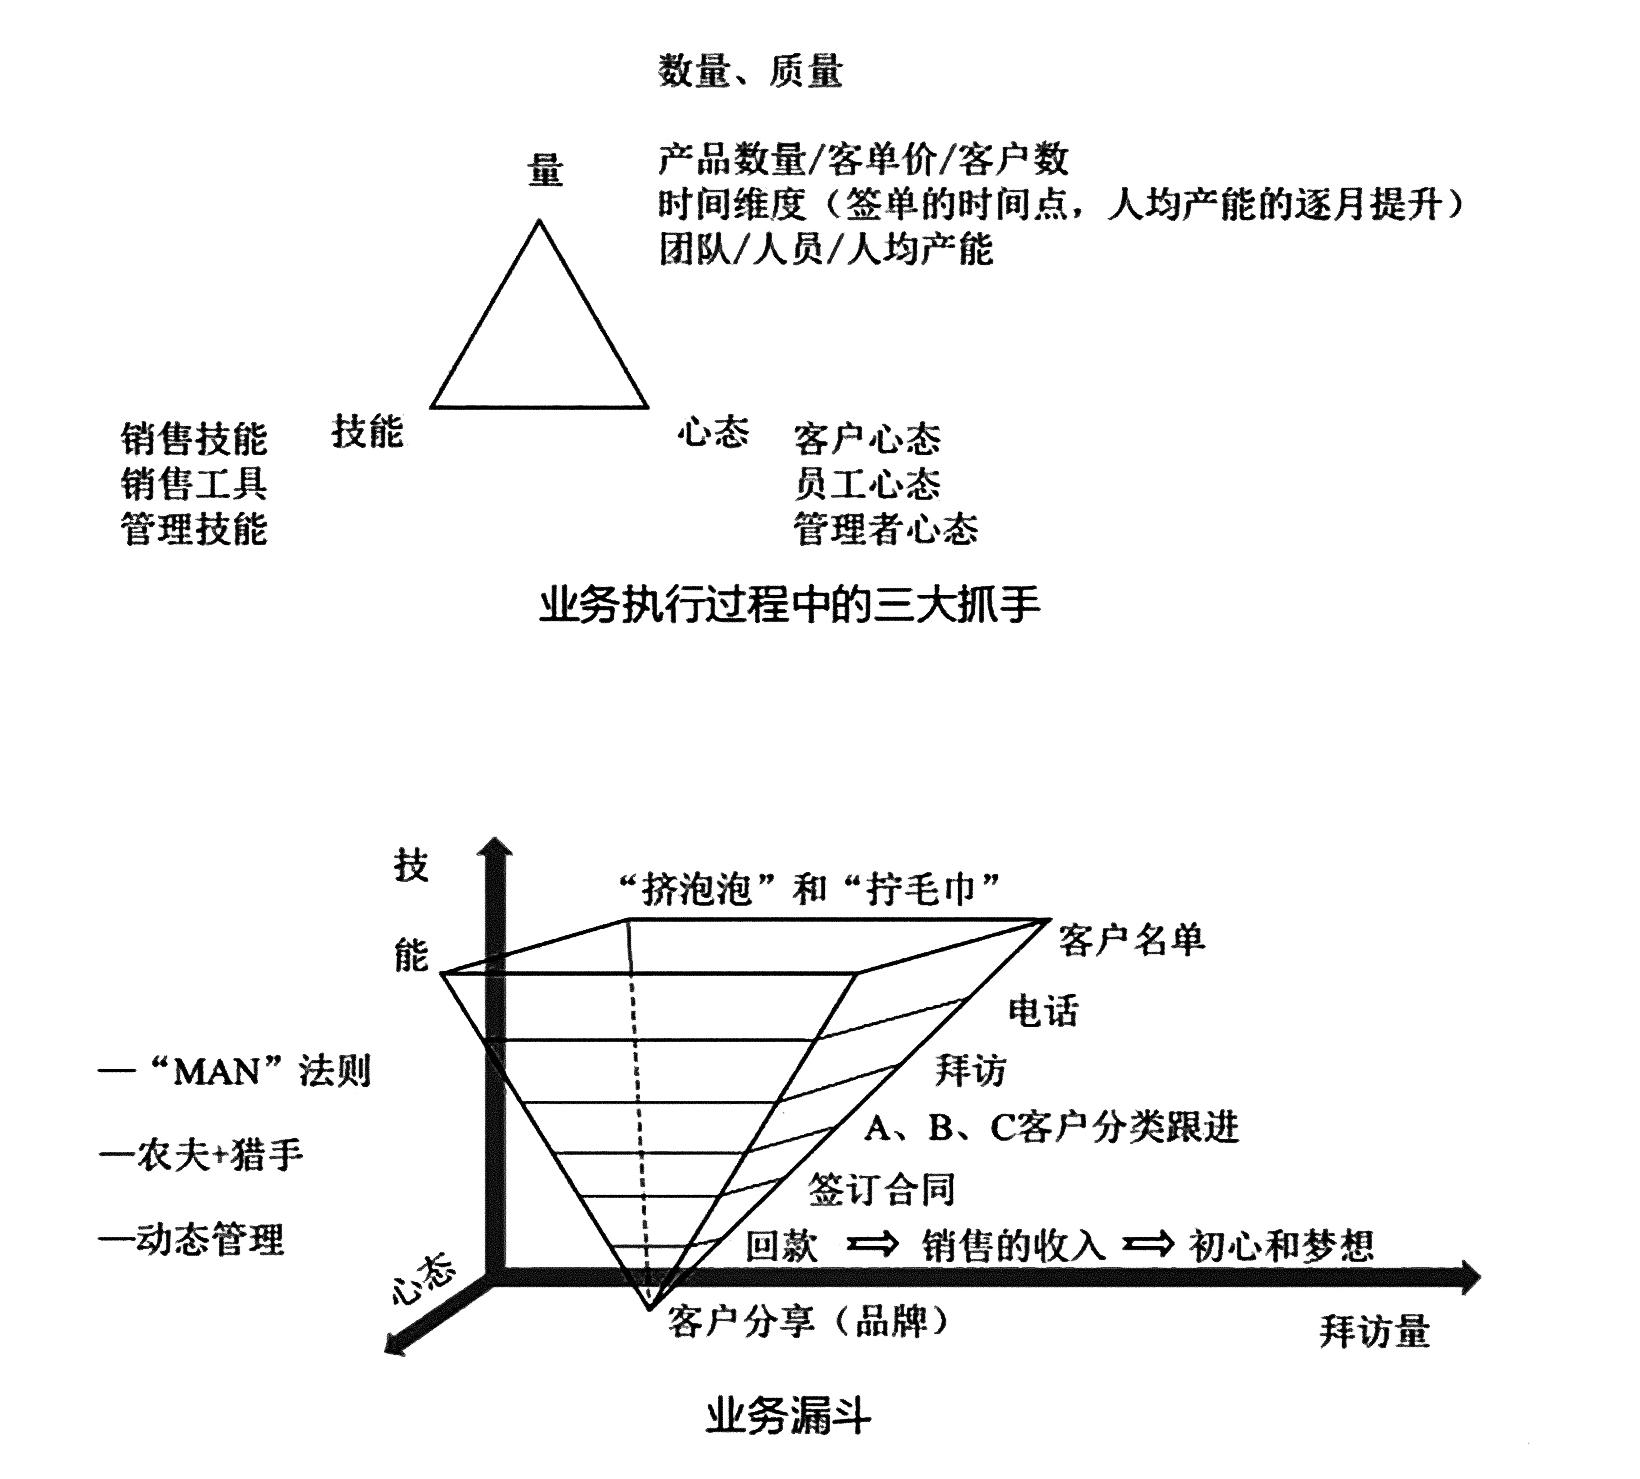 微信图片_2020113014506(1).jpg